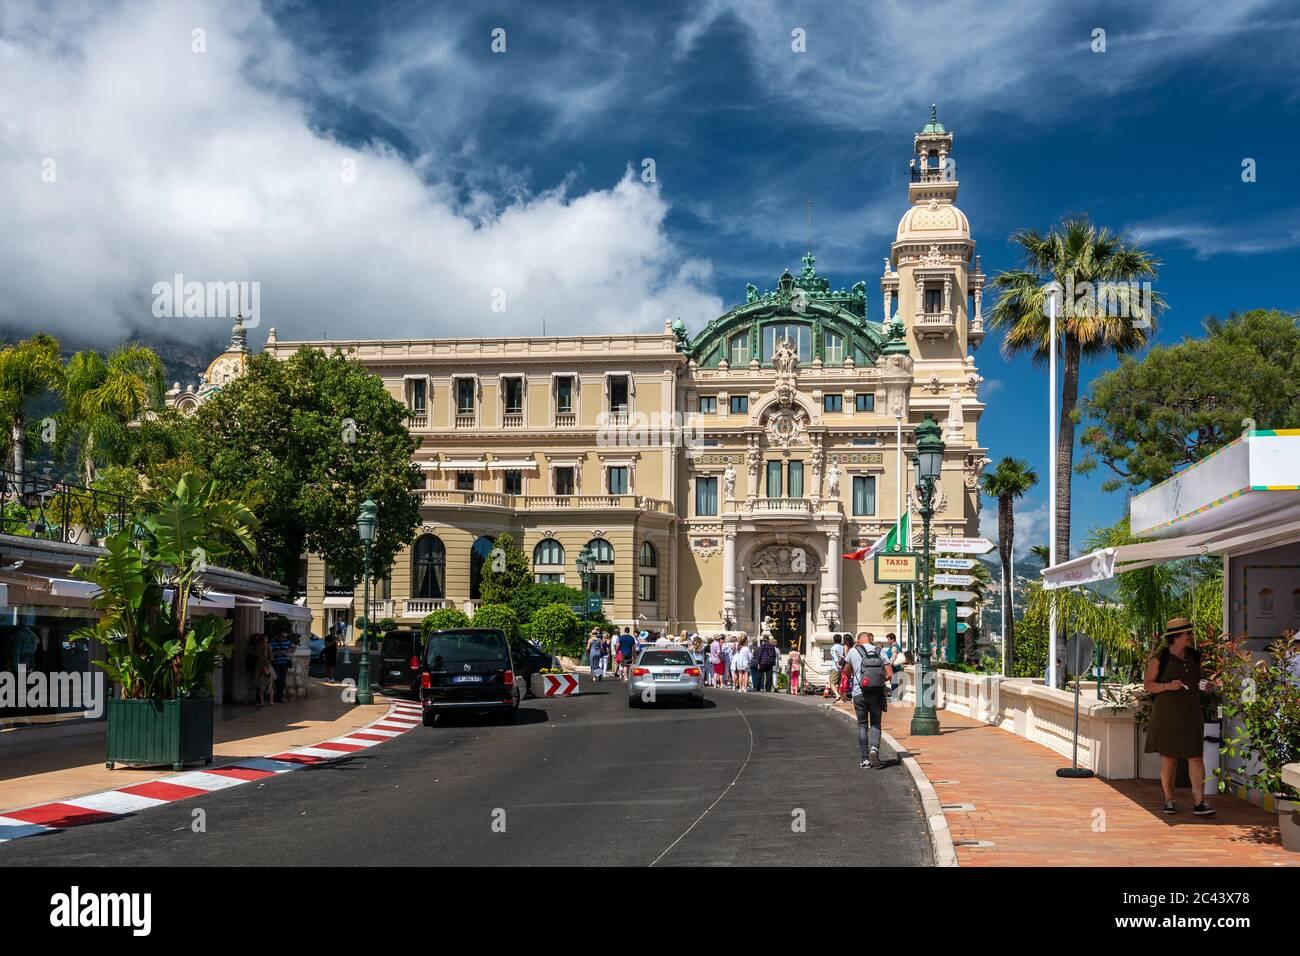 Monte Carlo, Monaco - 13 juin 2019 : touristes visitant le célèbre Opéra de Monte Carlo sur la côte d'azur à Monaco Banque D'Images